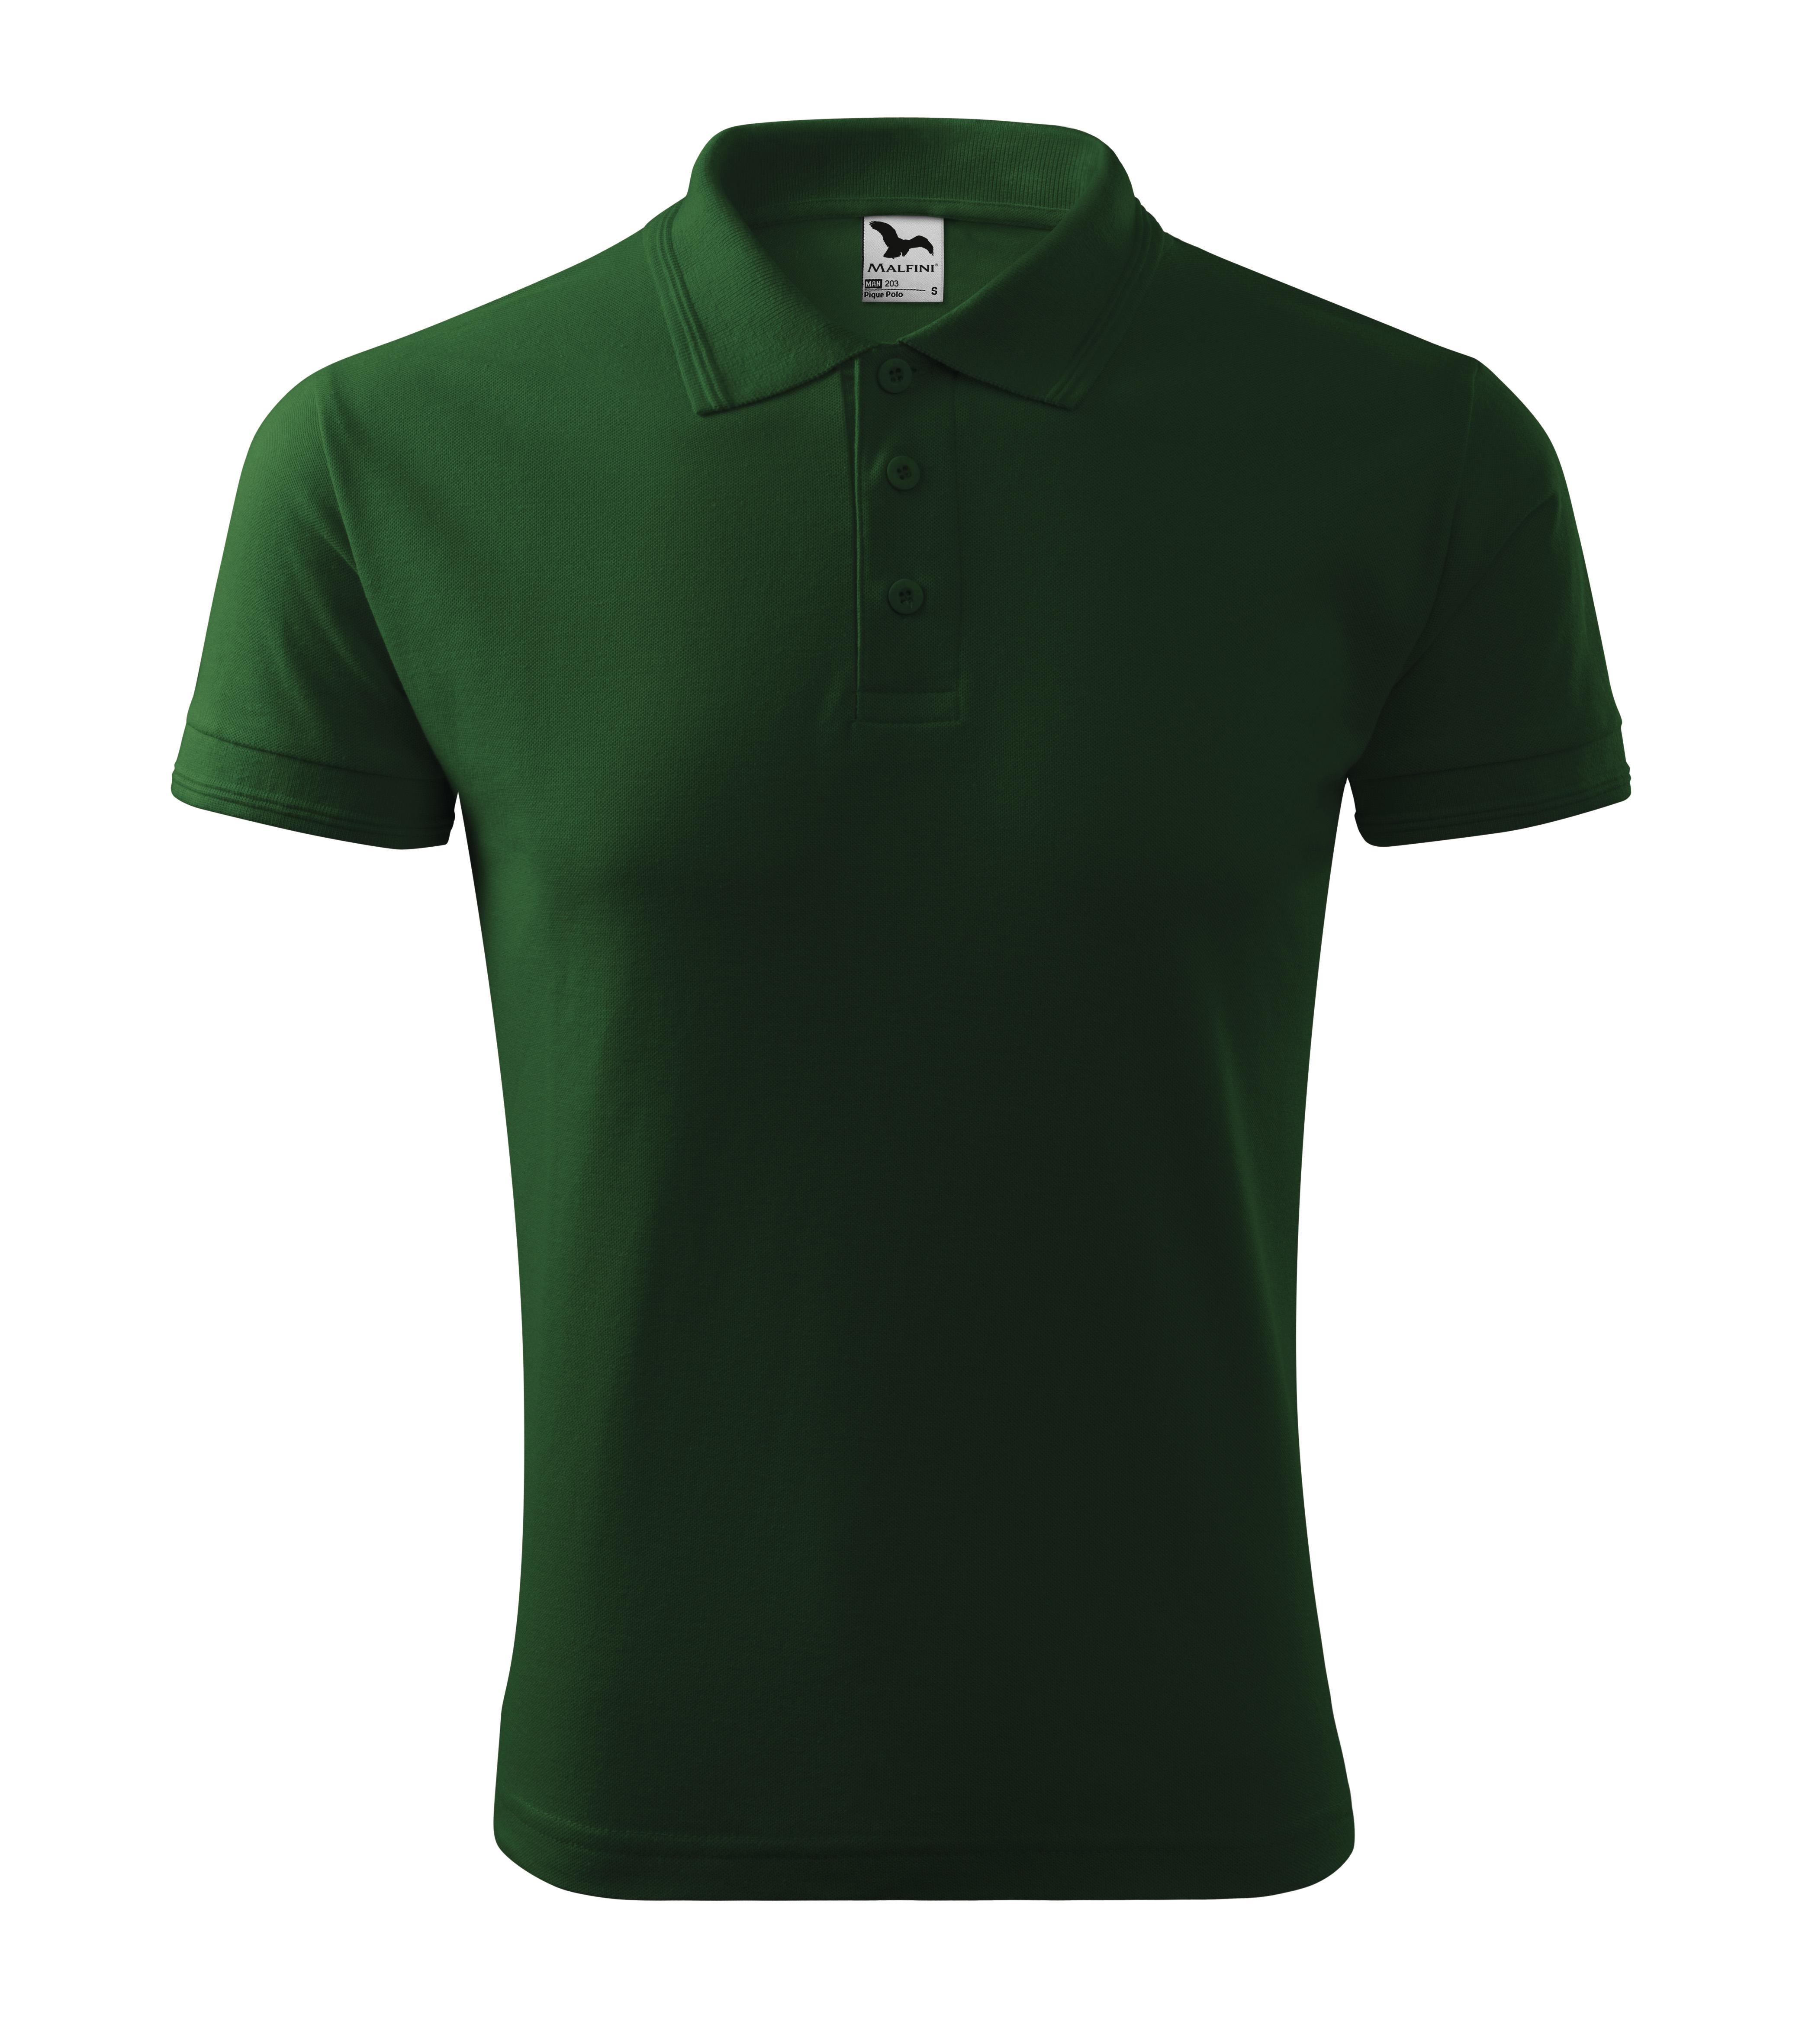 Polokošile pánská Pique Polo Barva: lahvově zelená, Velikost: L